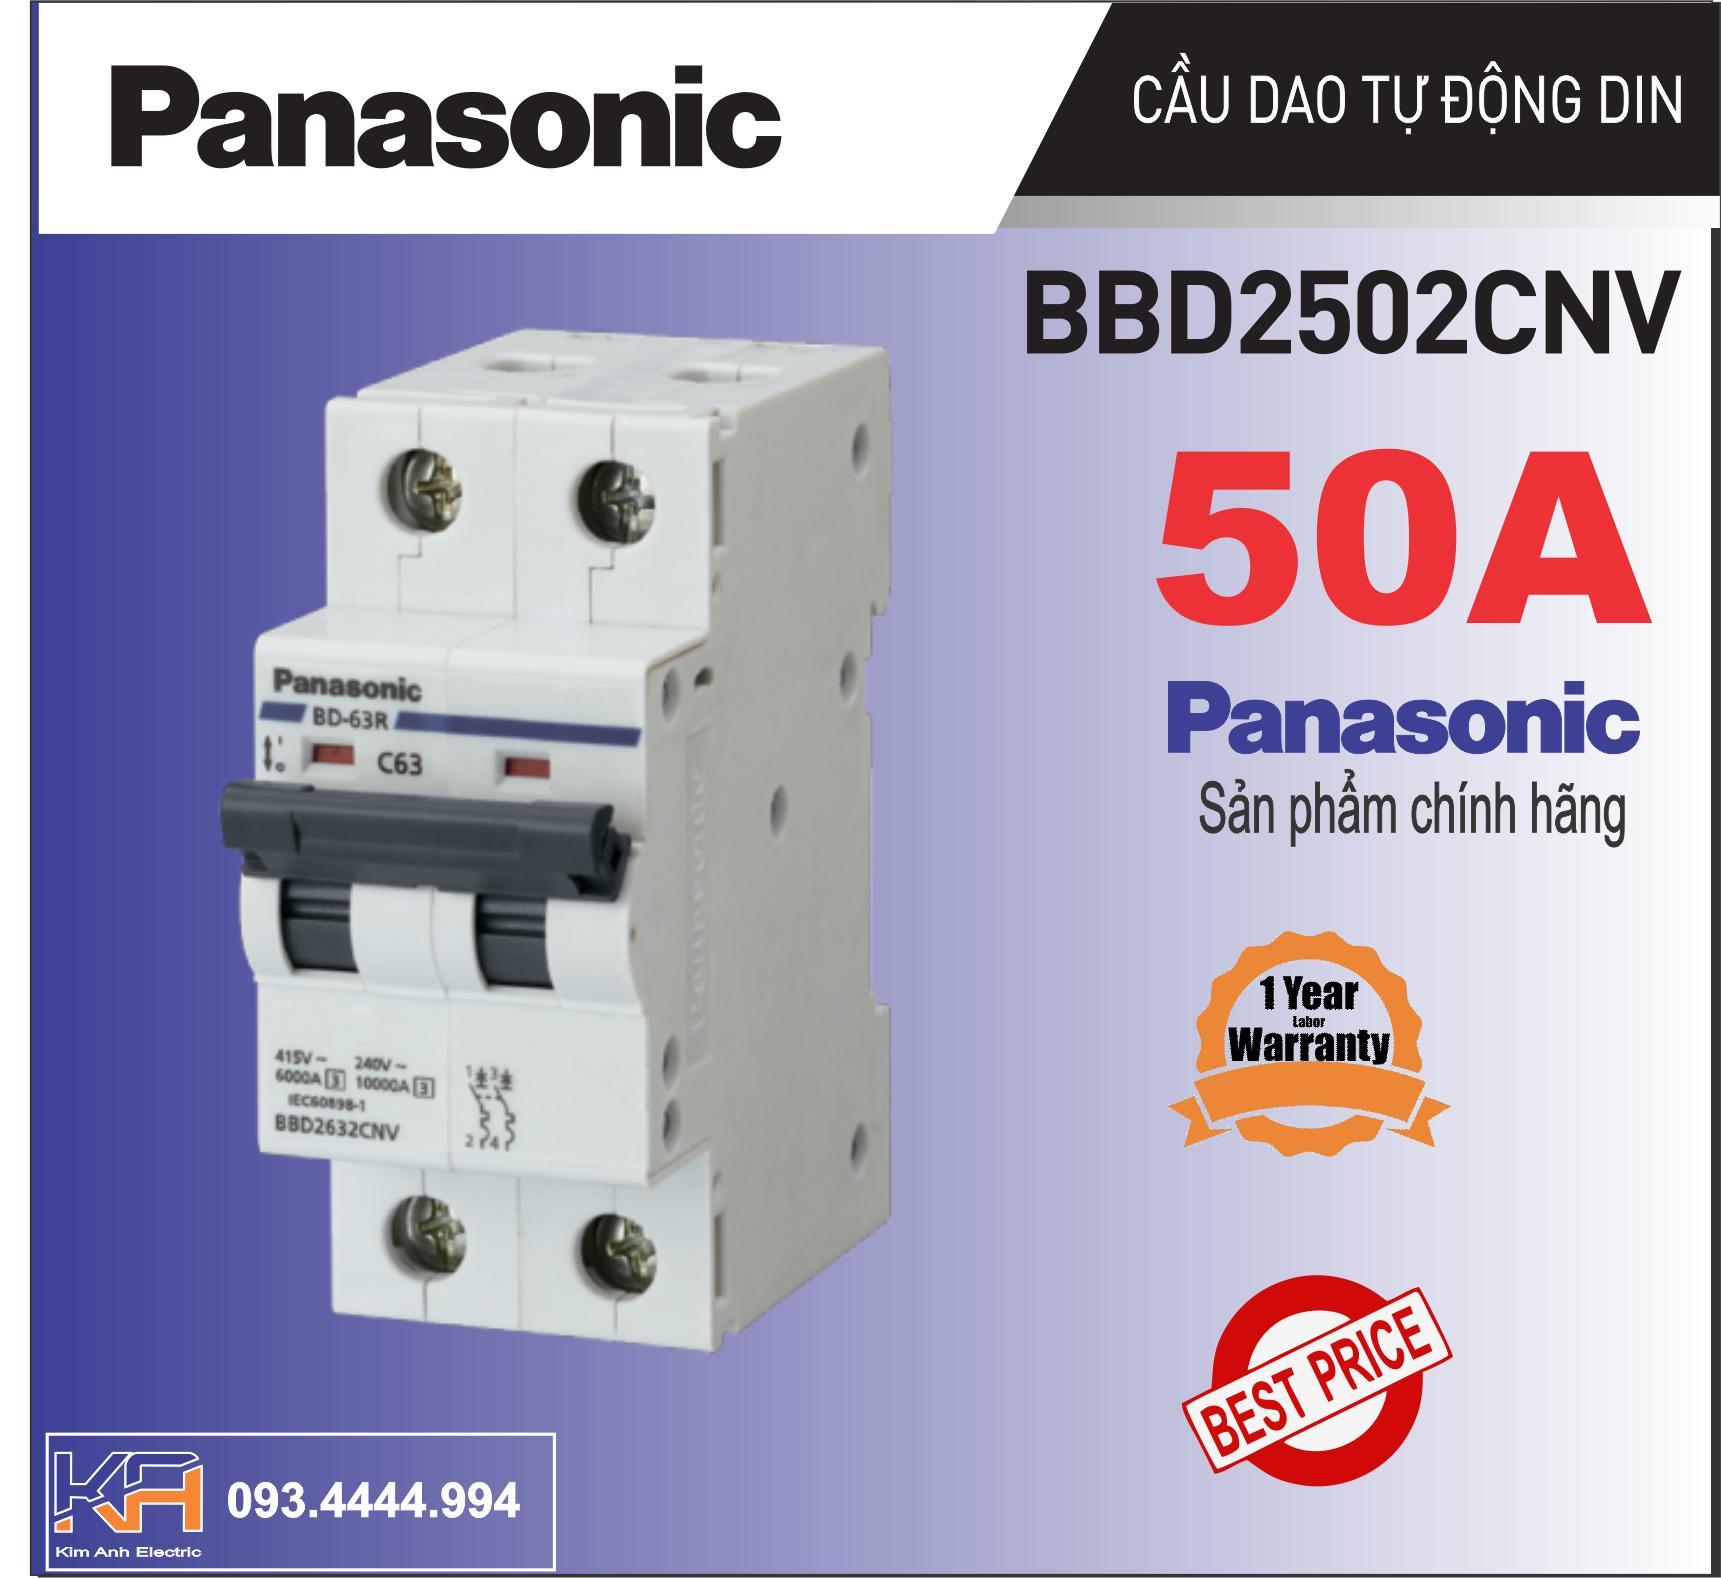 CB tép, Cầu dao tự động MCB 2P ngắn mạch quá tải  bảo vệ thiết bị 50A  Panasonic